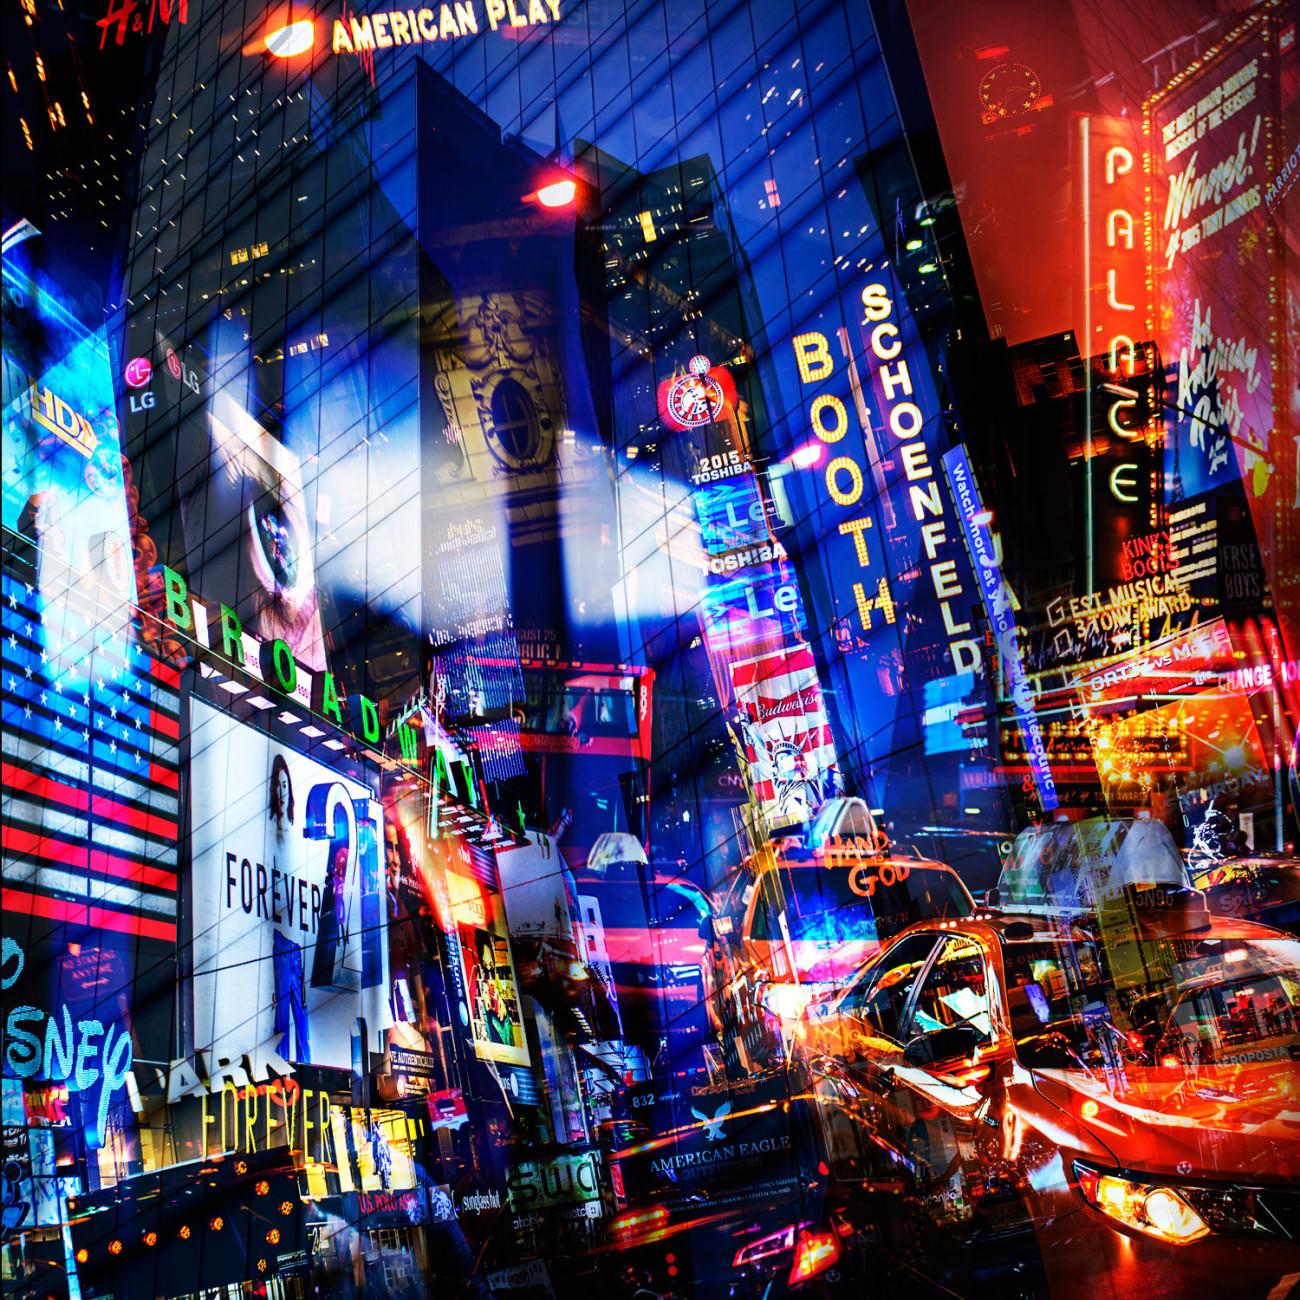 Metropolis - Boogie-Woogie too, NY, 2015